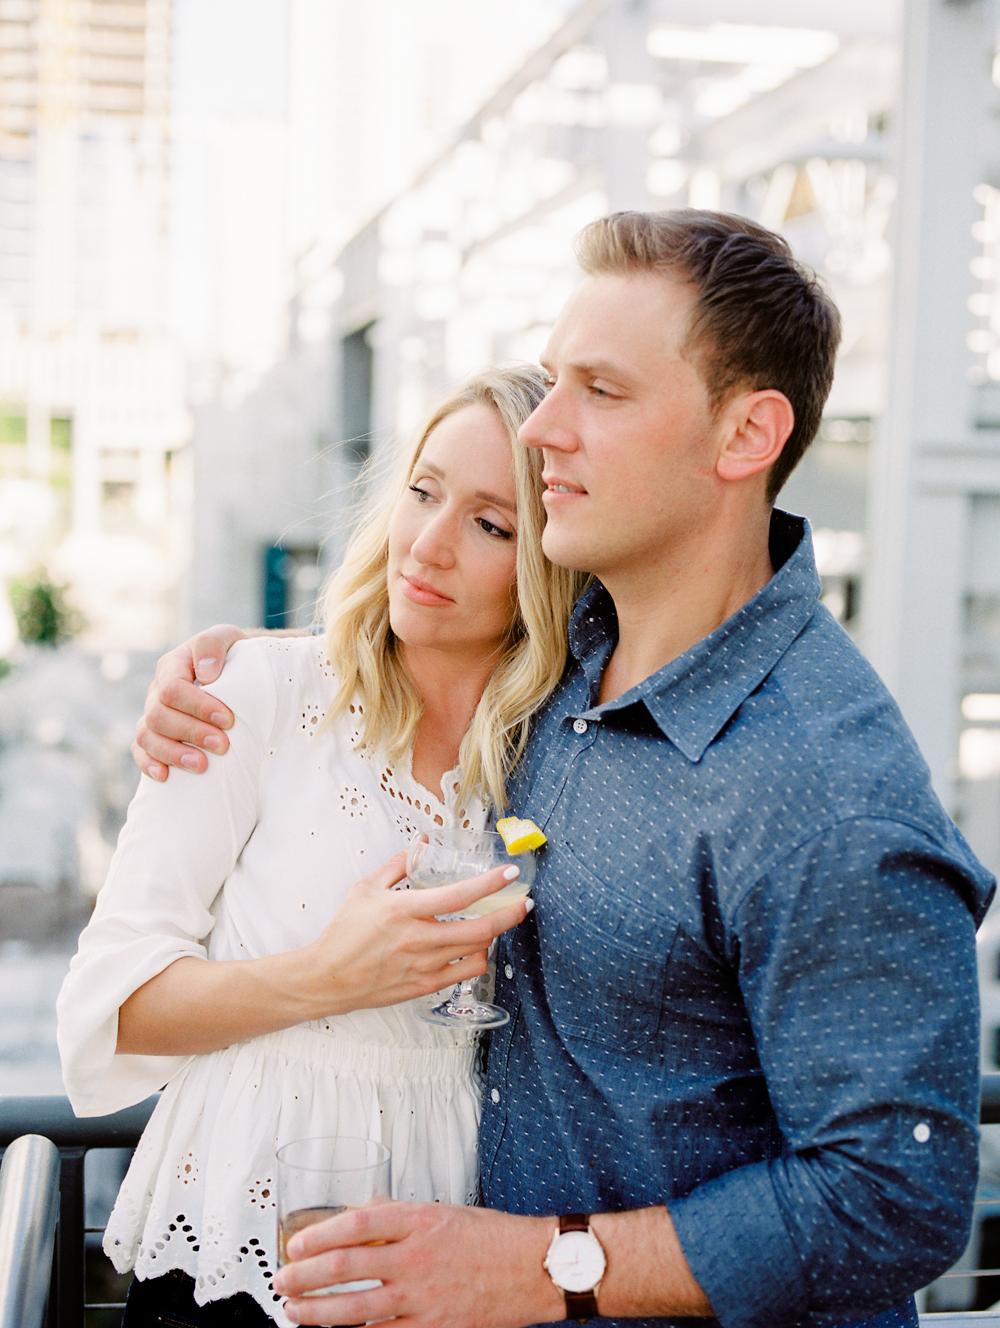 Best-Austin-Denver-California-Wedding-Photographers-fine-art-film-Engagement-Session-91.jpg